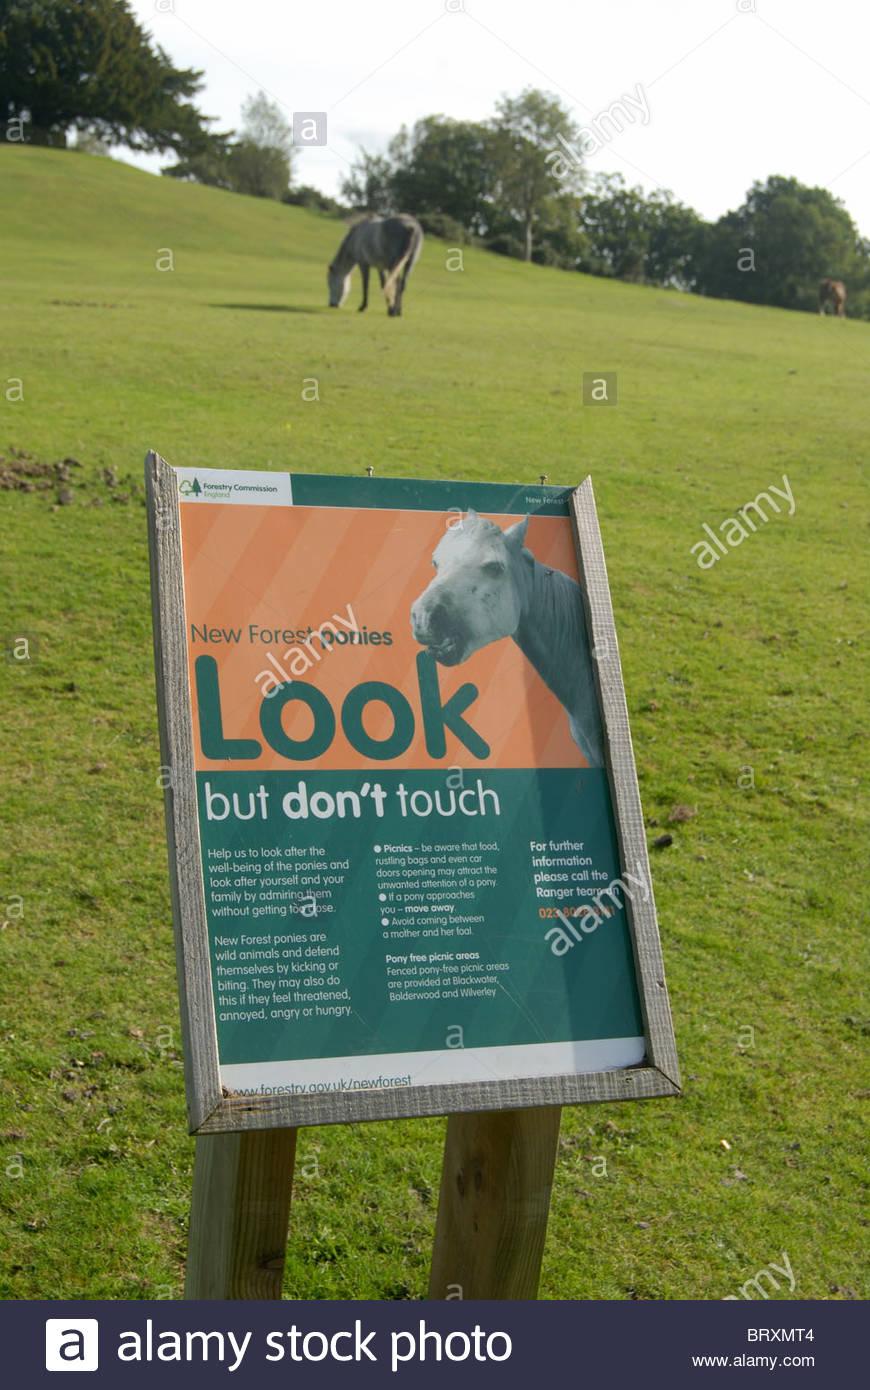 Lyndhurst Regno Unito - Istruzioni per i turisti come dovrebbero trattare New Forest pony. Immagini Stock